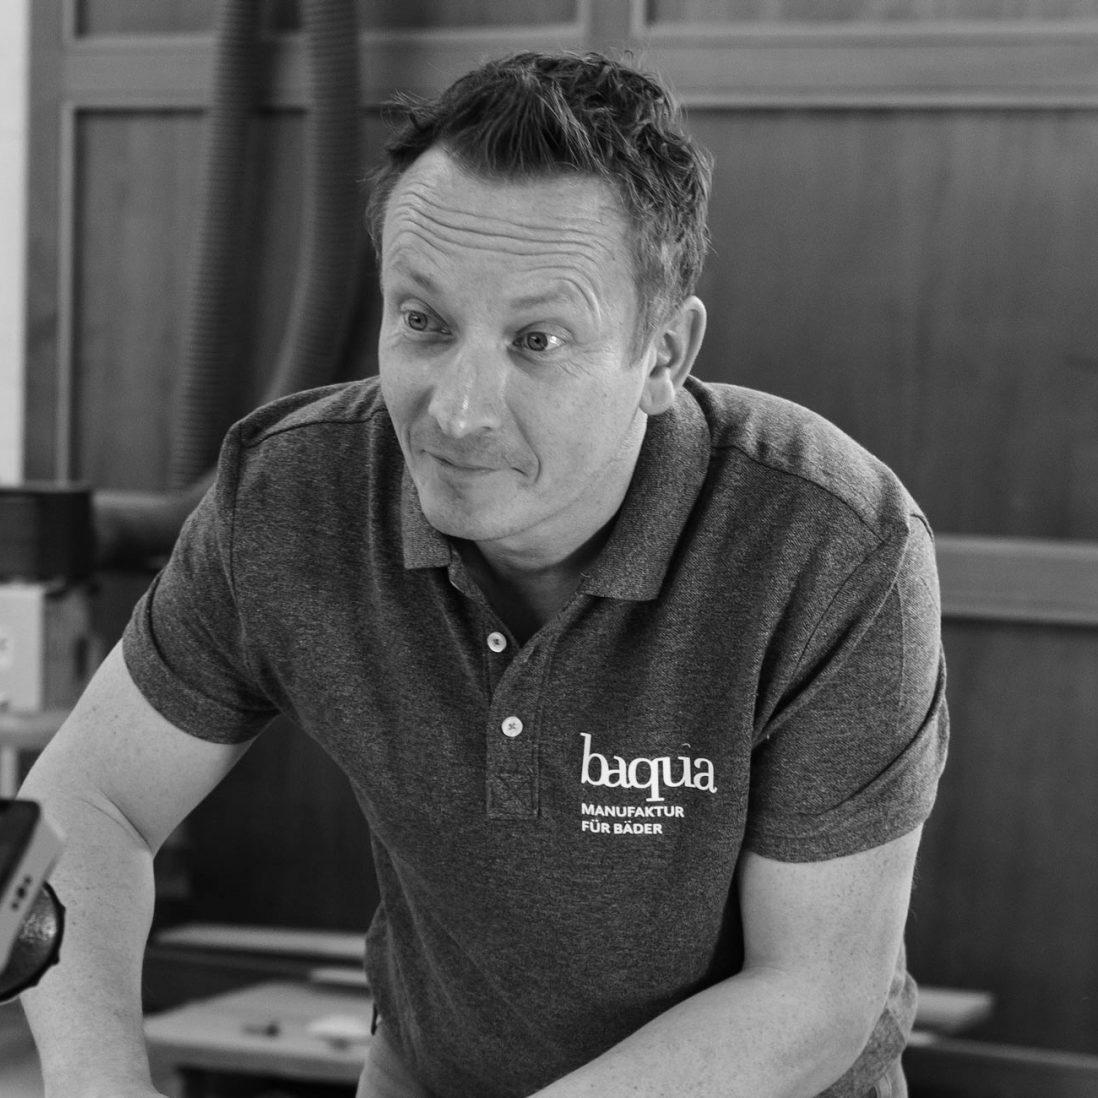 Michael Brummel bei baqua